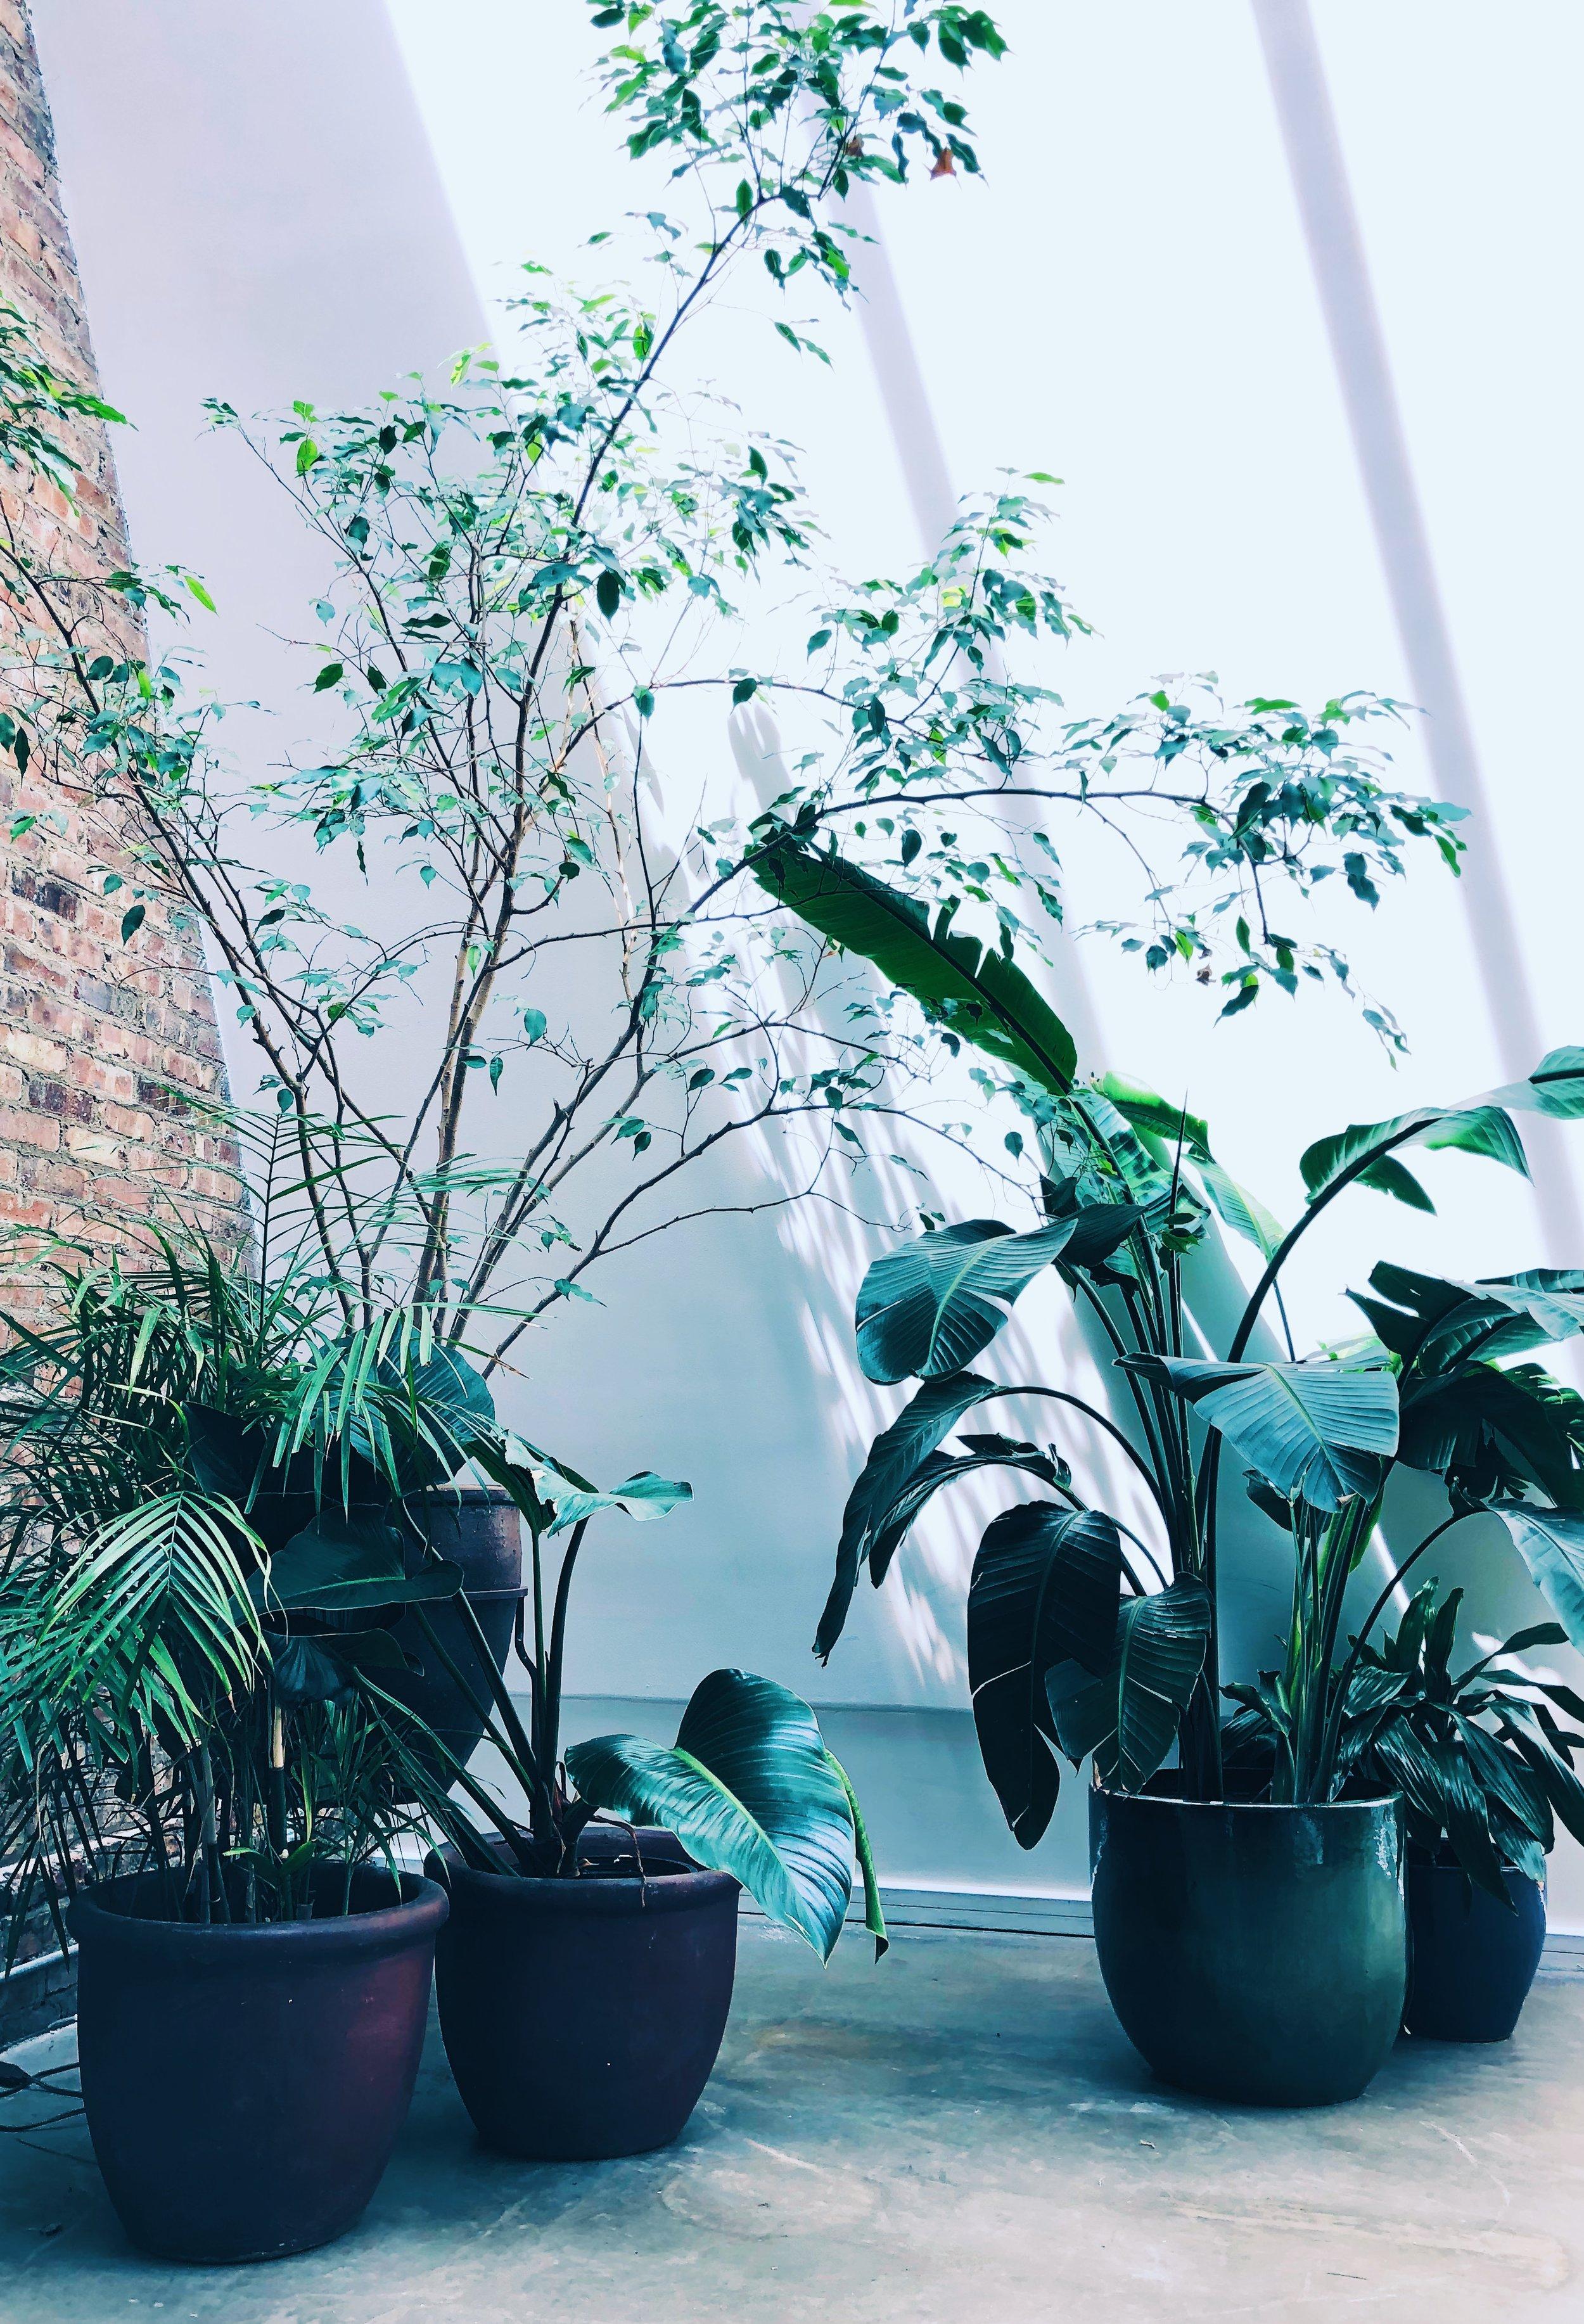 A-new-leaf-chicago-09.jpg